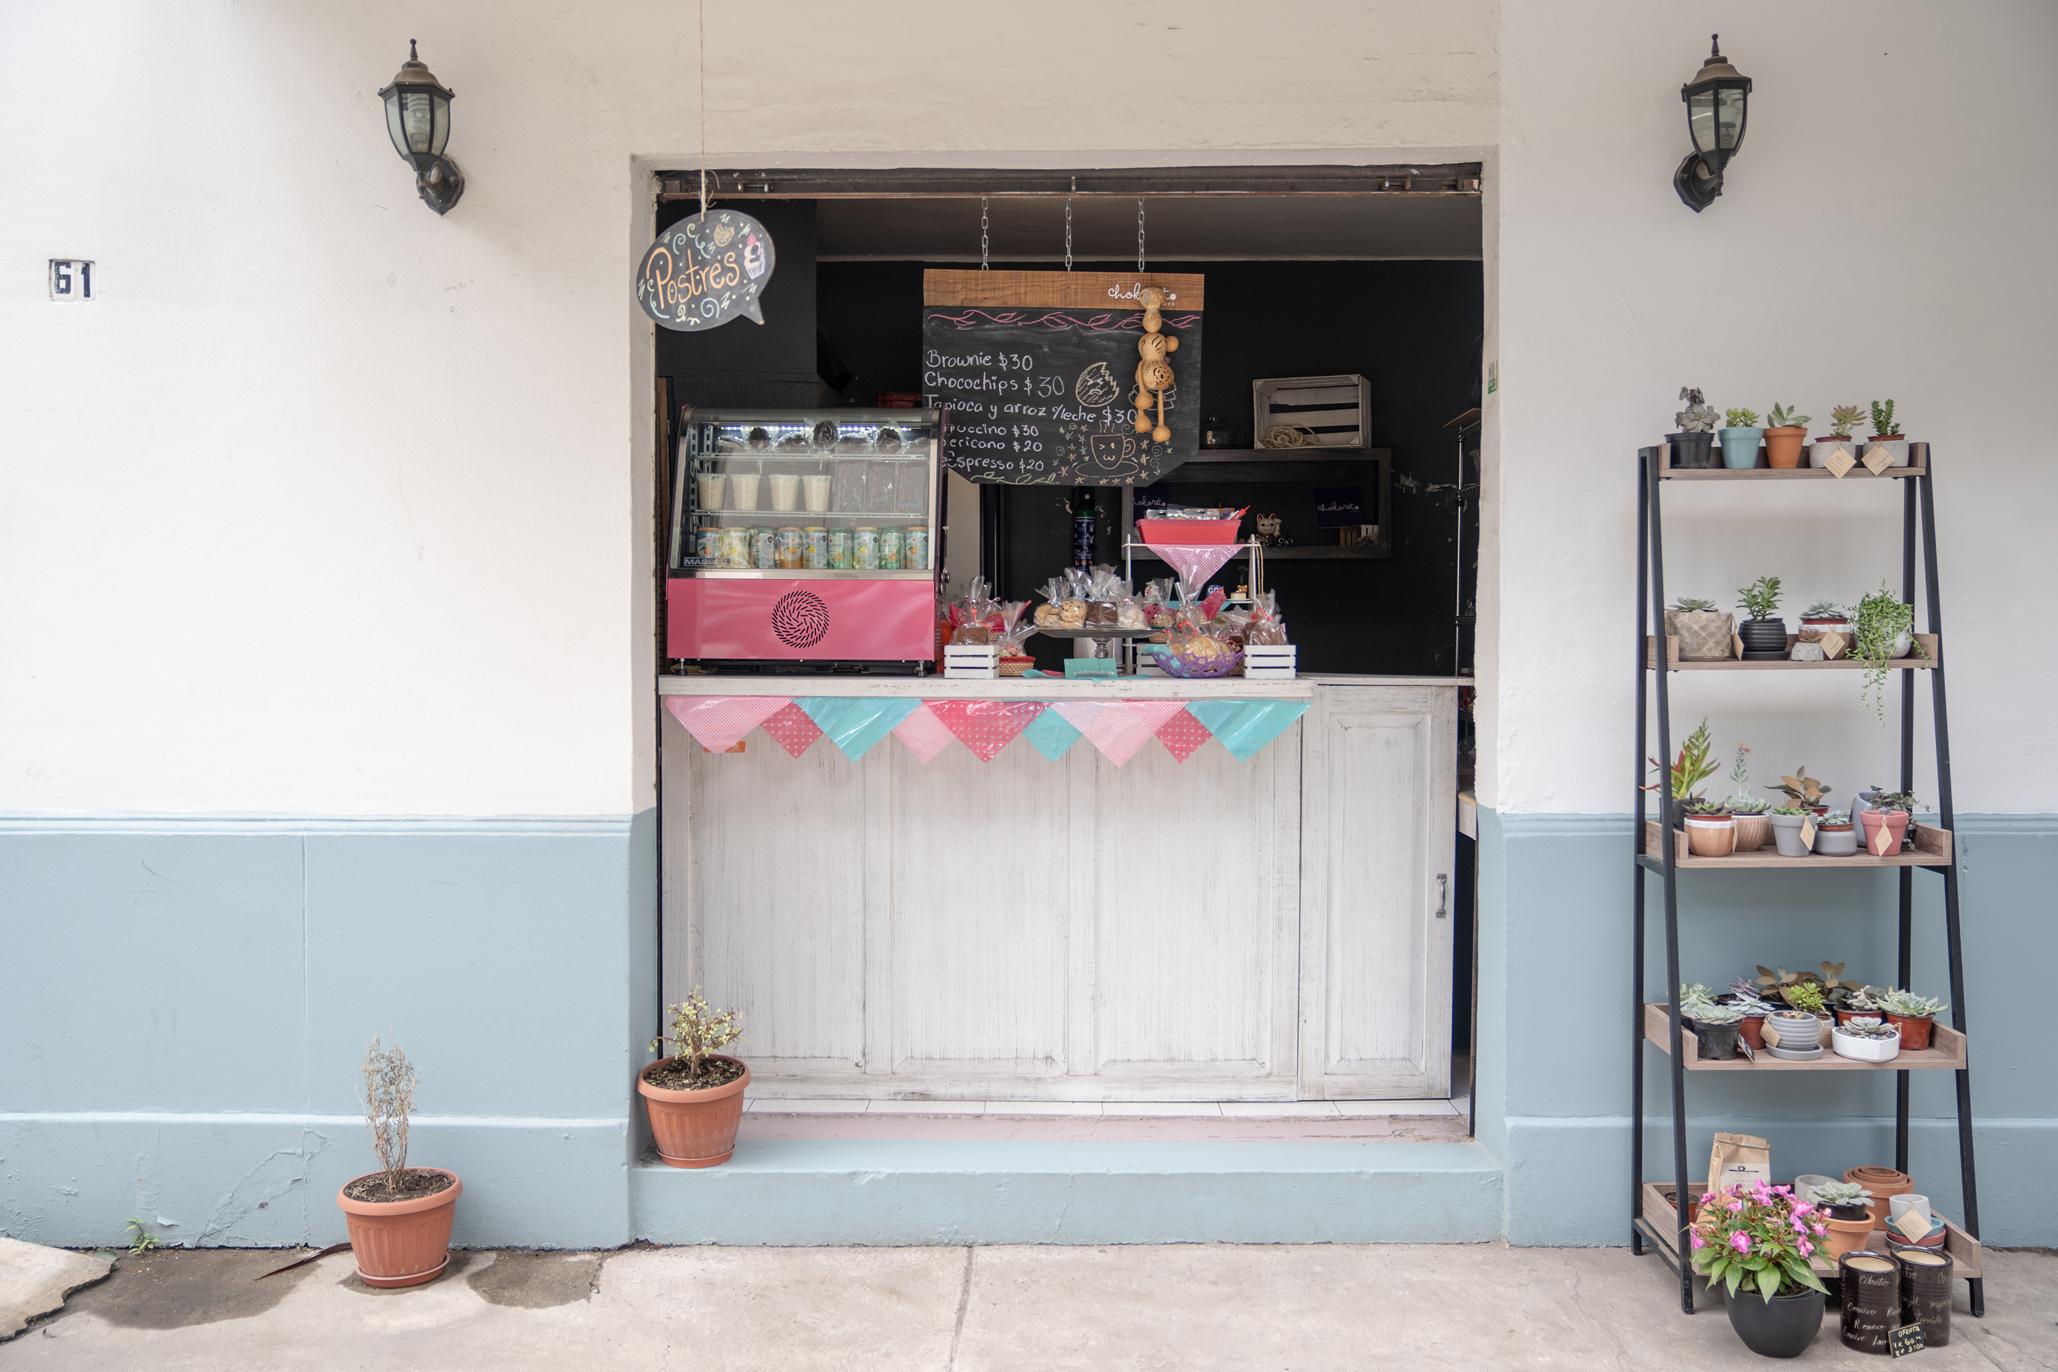 Entrada de Chokoreto Café, el nuevo grab and go de la Narvarte